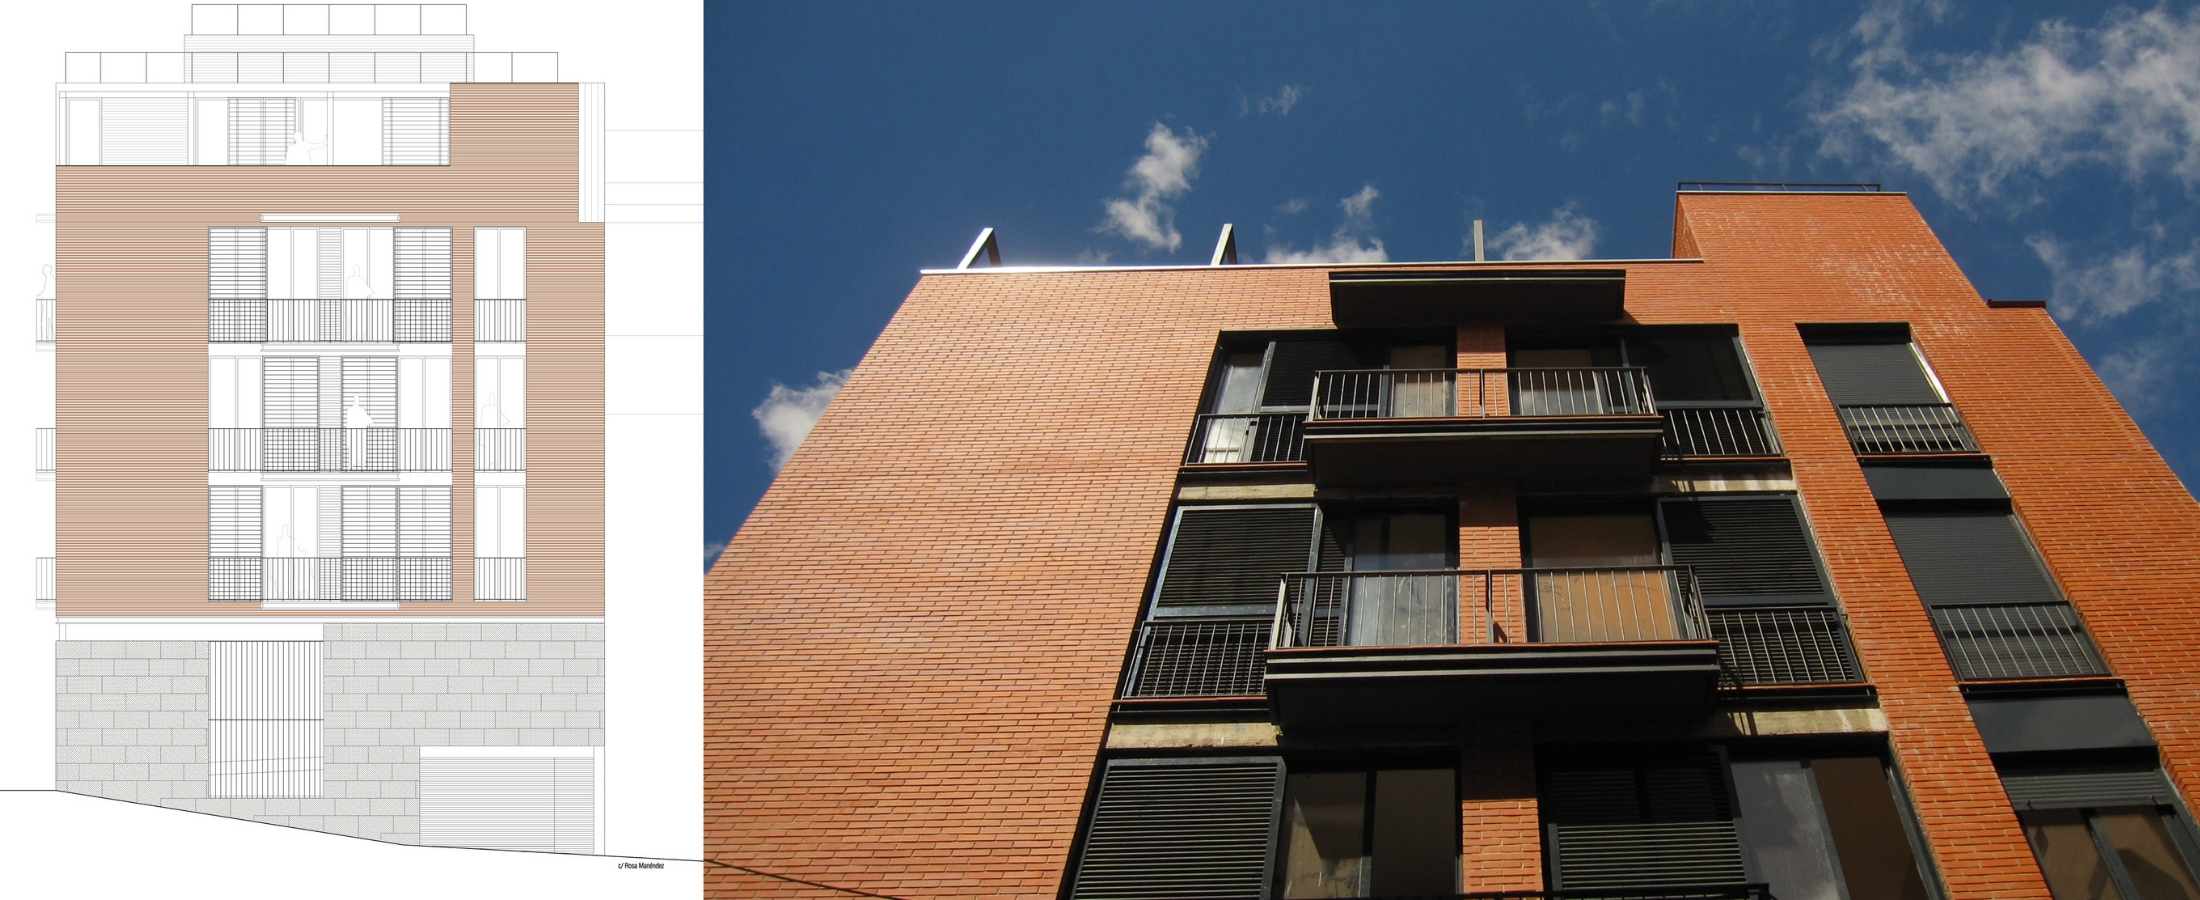 Fachada Paseo de la Dirección, situada en Madrid. Un proyecto del estudio de arquitectura FH2L Arquitectos